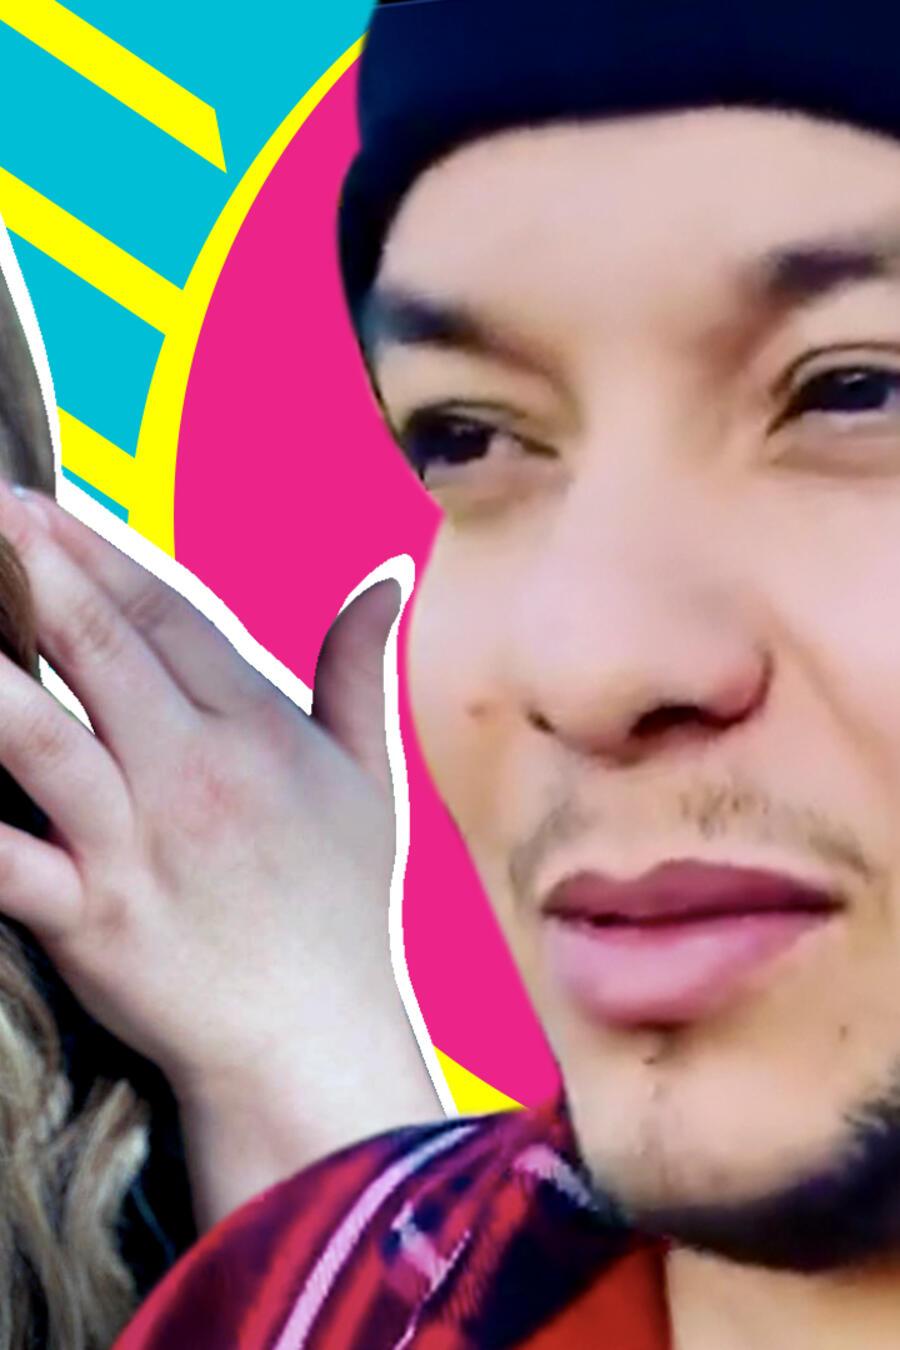 Lorenzo mensaje a Chiquis Rivera tras verla llorando